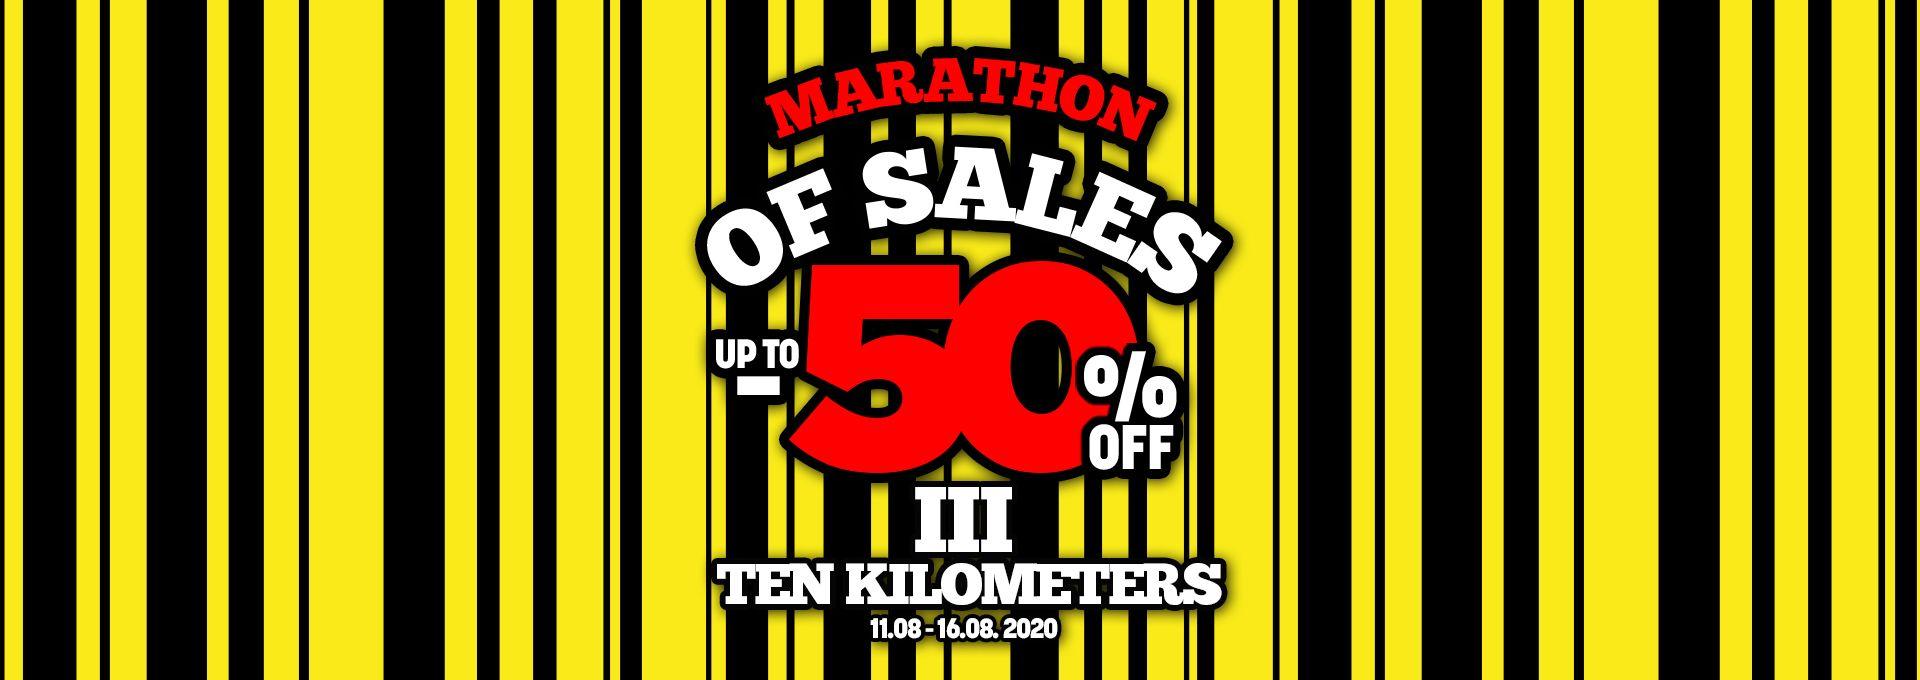 Maraton wyprzedaży #3 eng